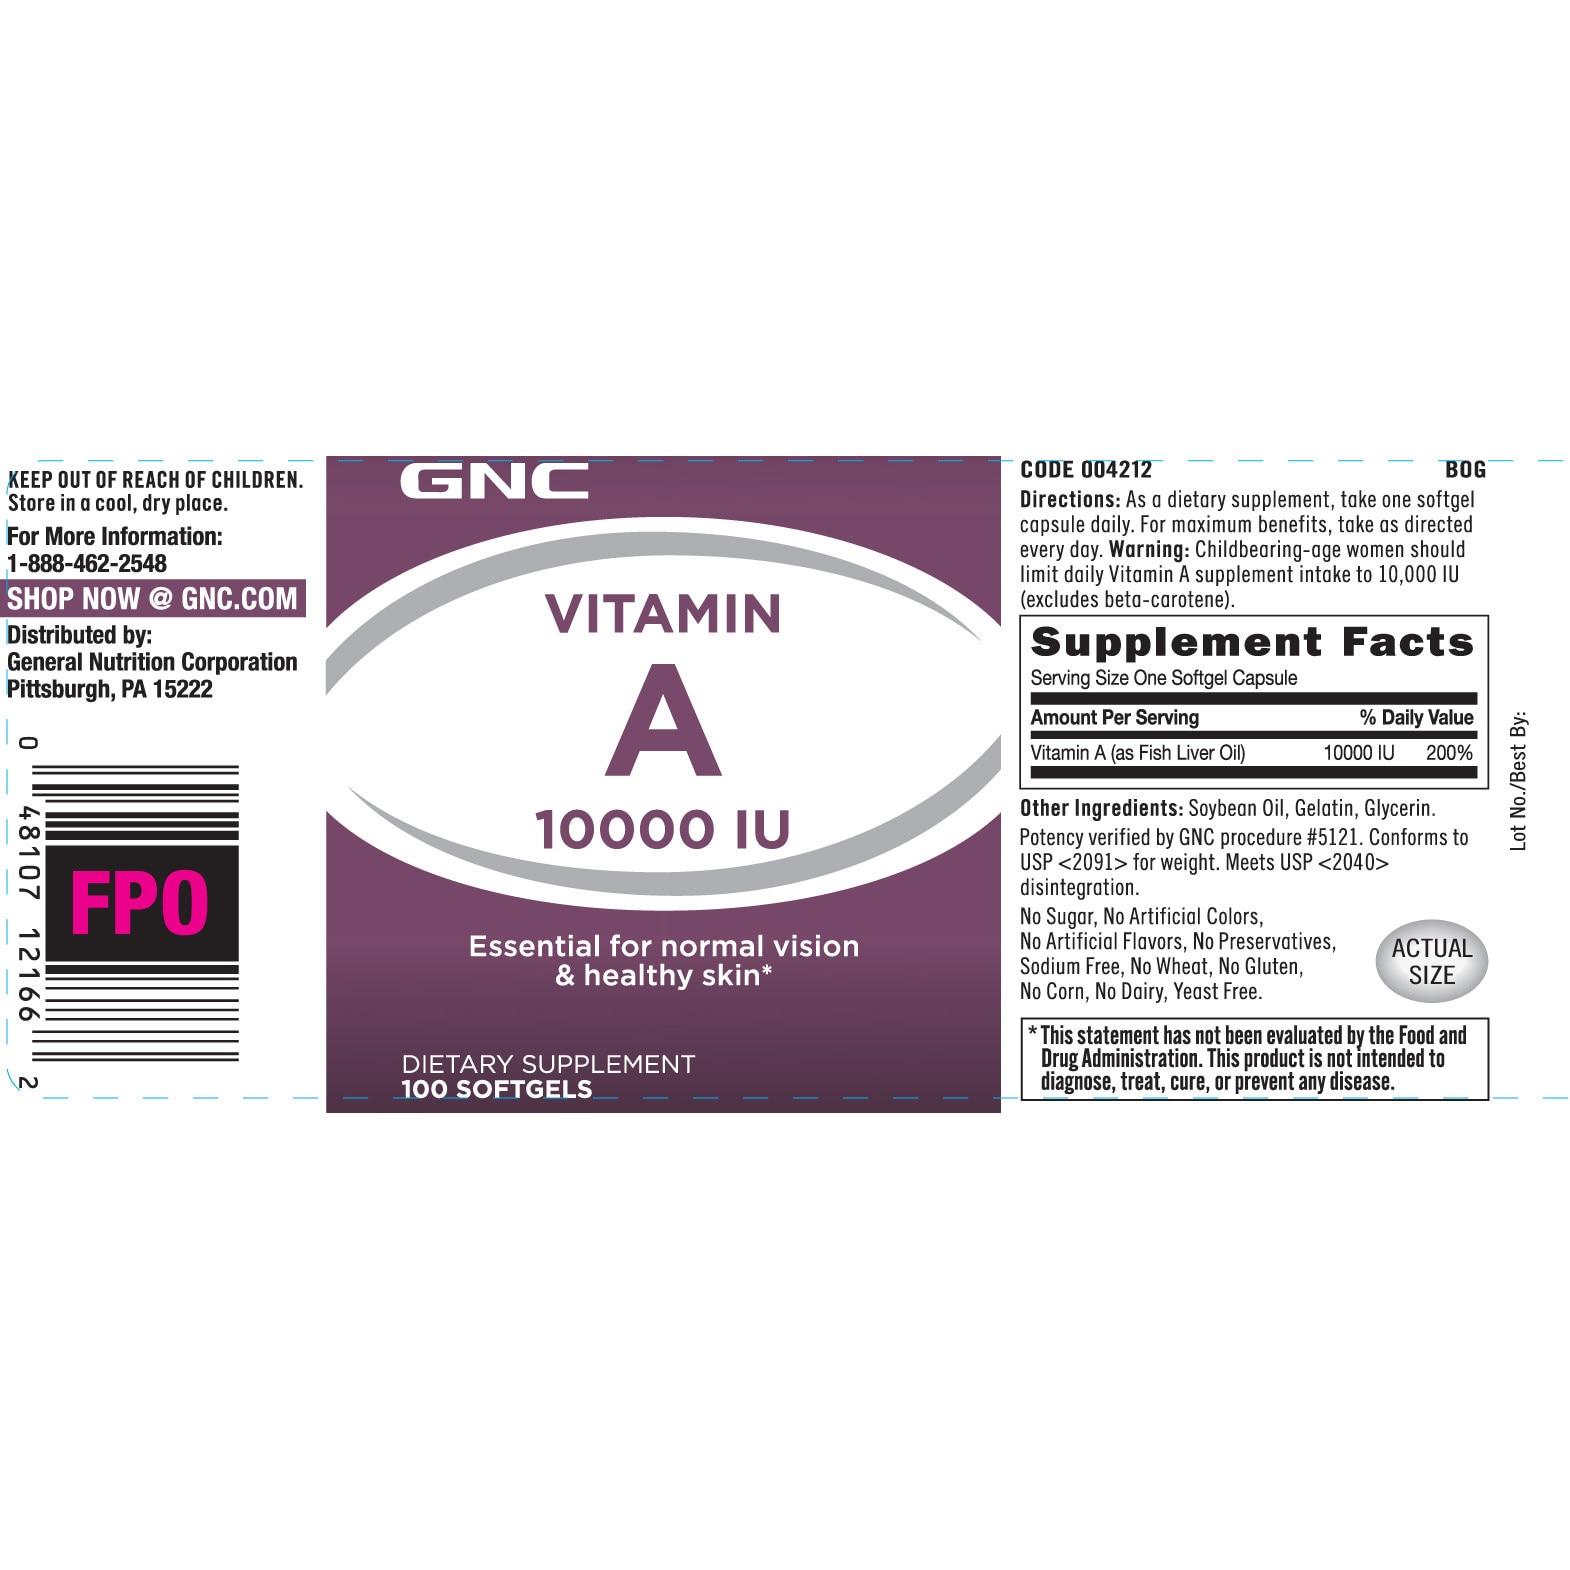 vitamine excelente pentru vedere ce este acupunctura pentru vedere